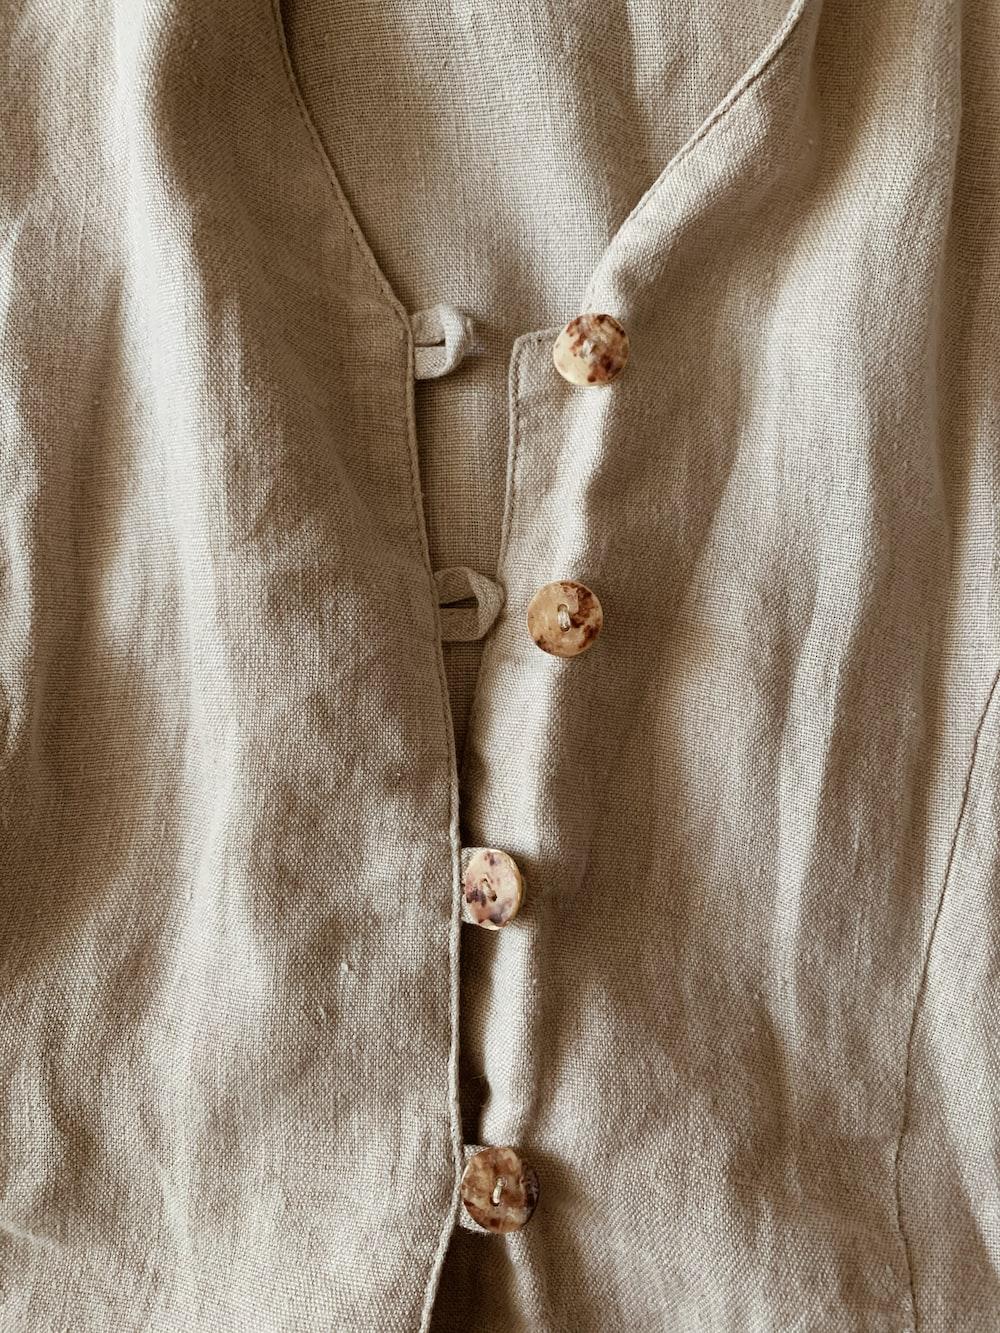 white button up dress shirt